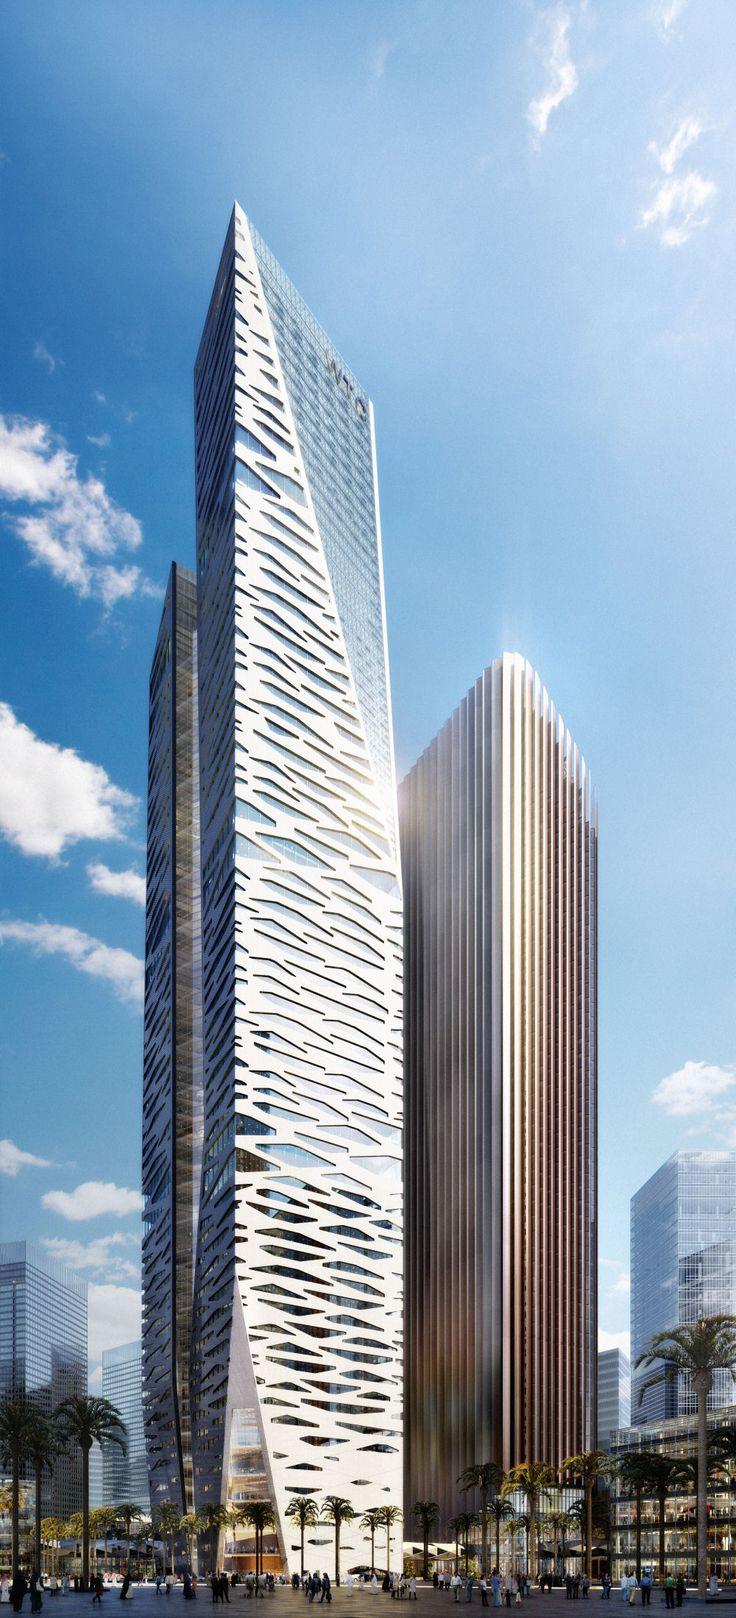 King Abdullah Financial District Parcel Plot 1.15 -  Gensler - Riyadh, Saudi Arabia